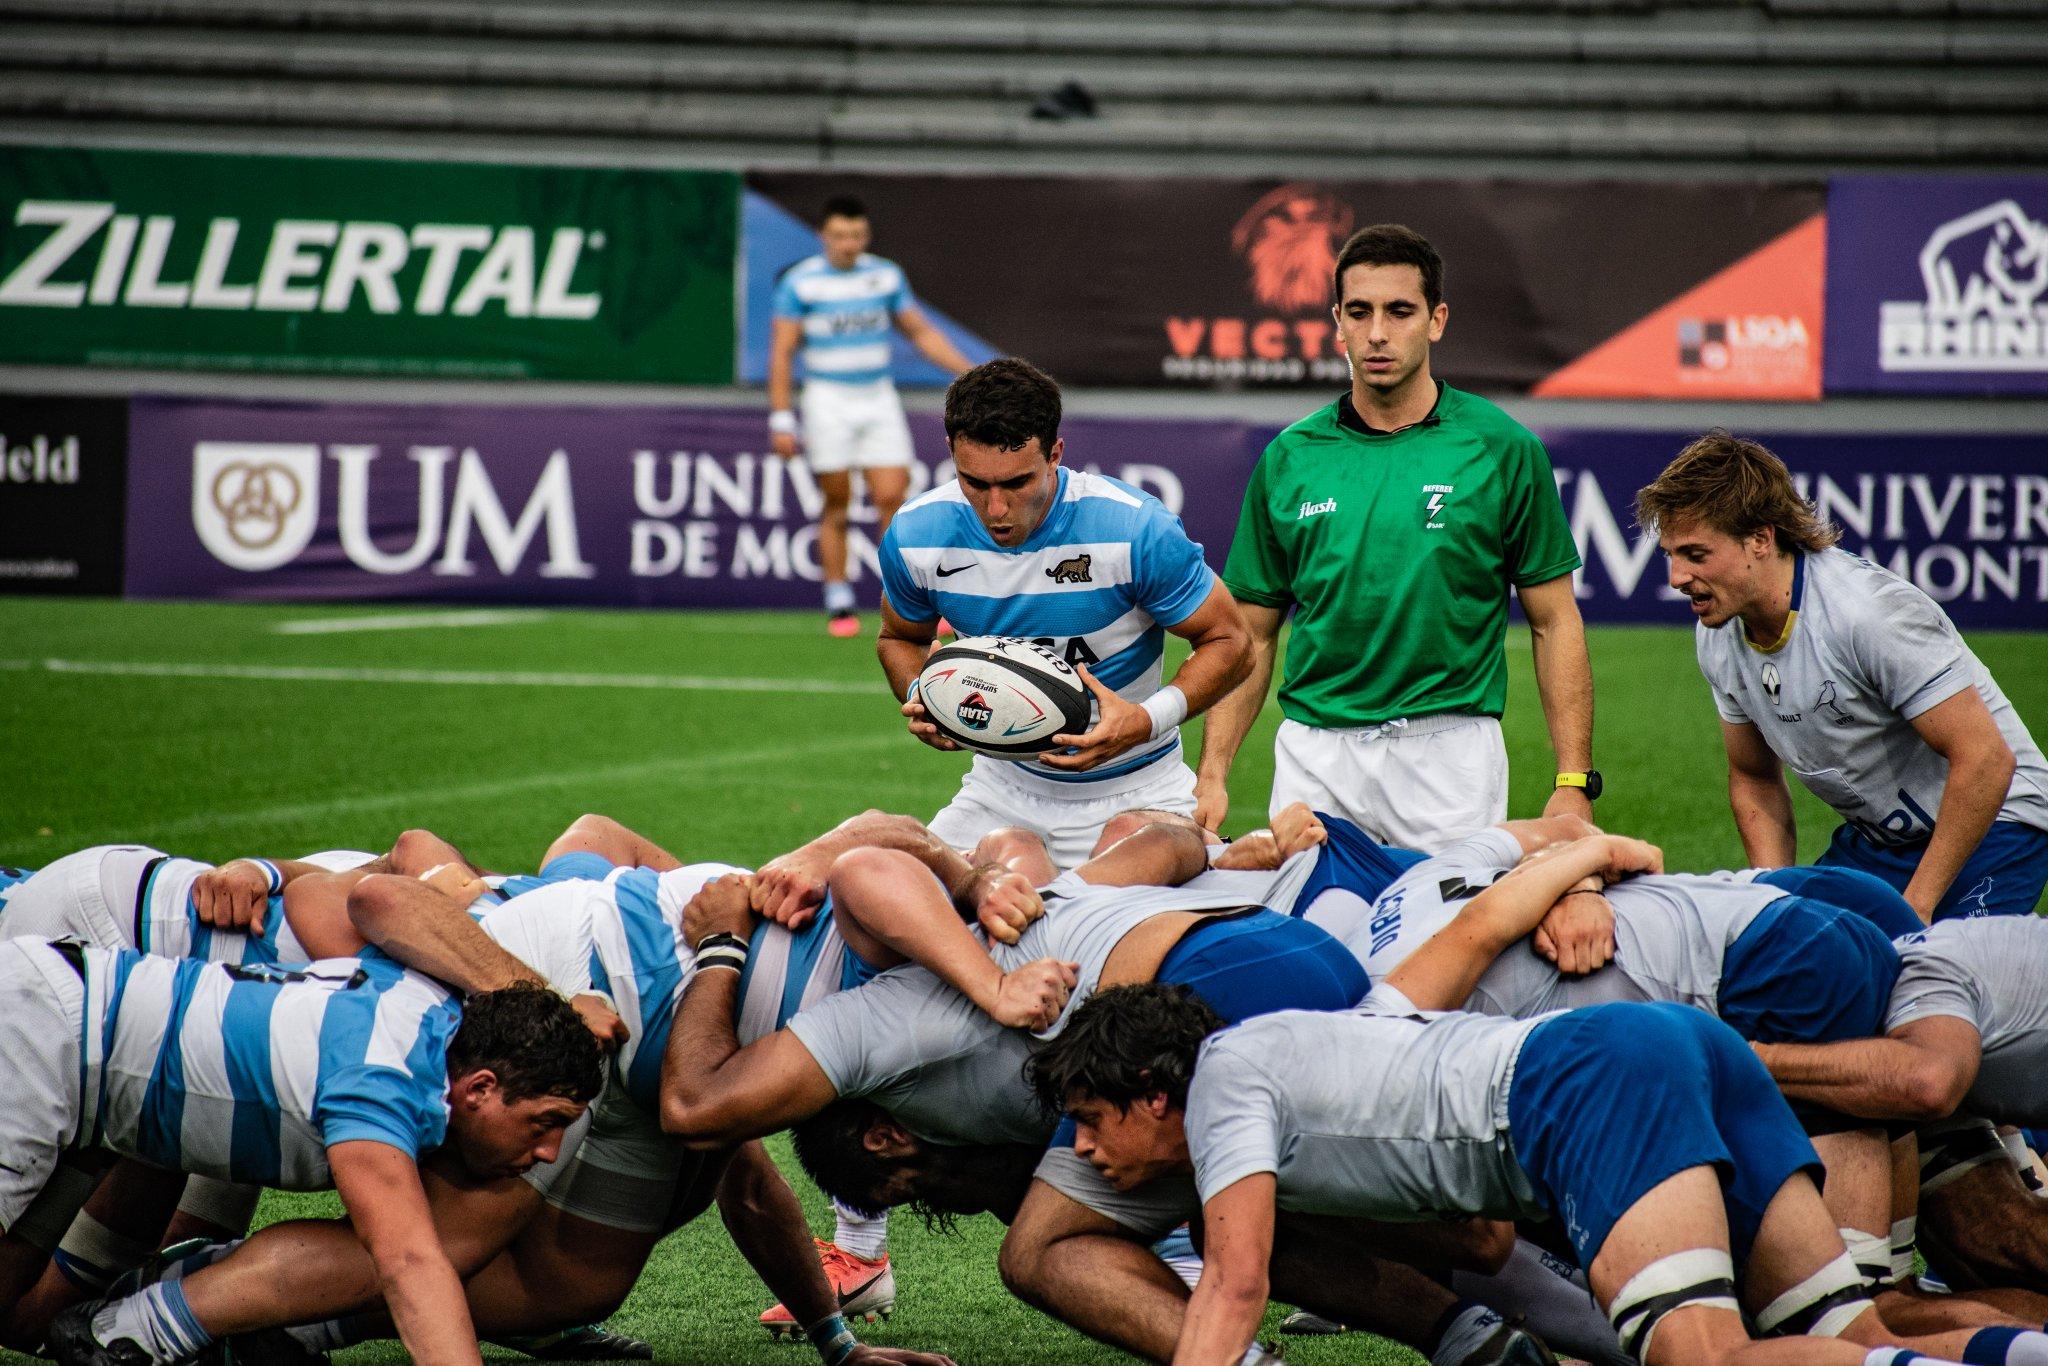 En el Charrúa, Uruguay recibe a Argentina XV